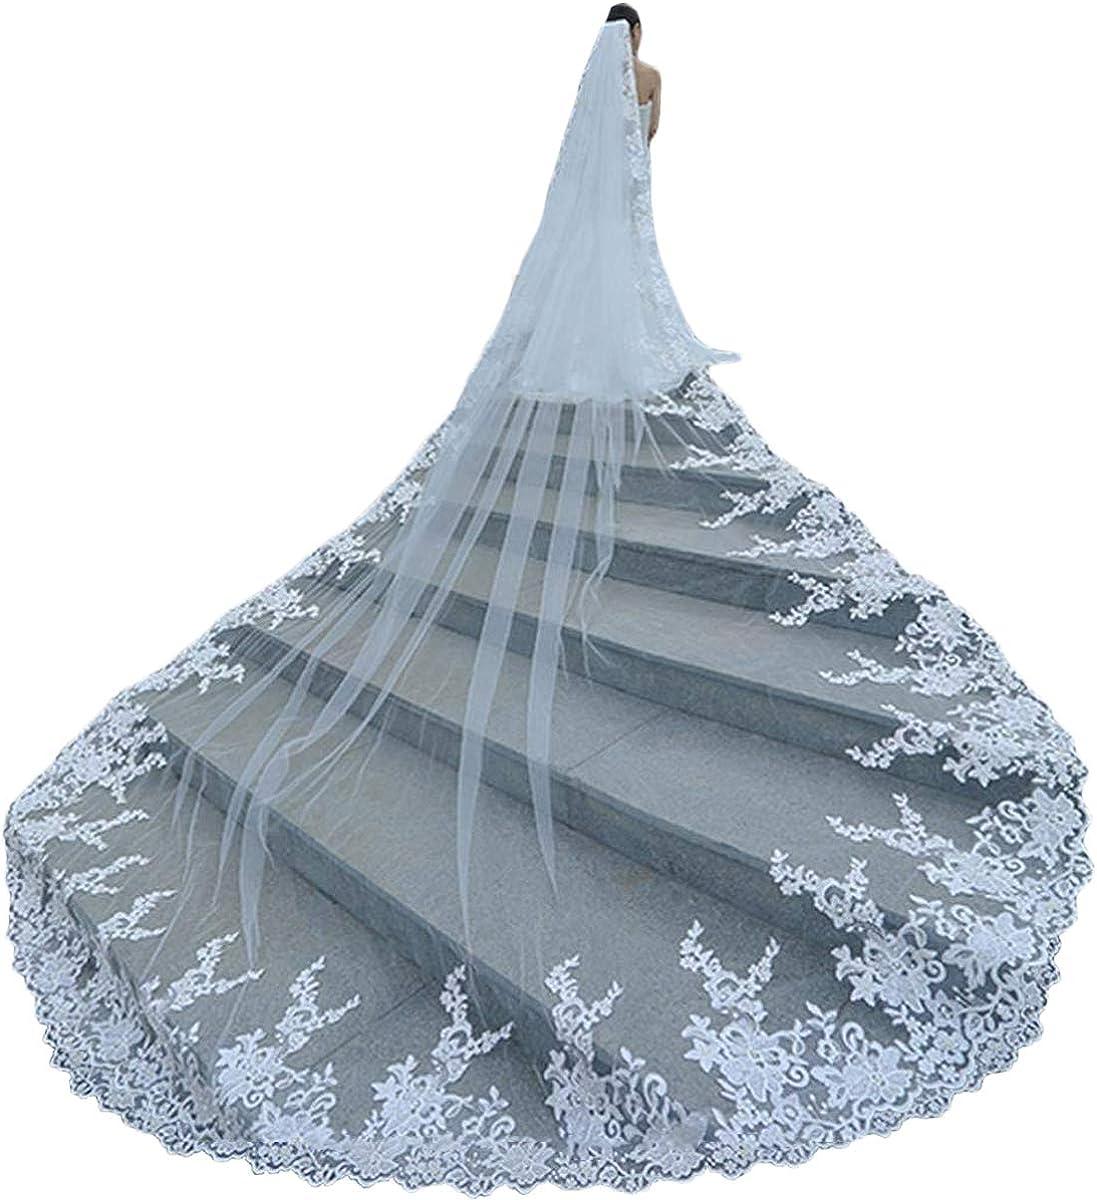 Big floral lace wedding veil,lace royal veil,lace cathedral veil lace chapel veil R218,vintage flowery cathedral veil floral long lace veil